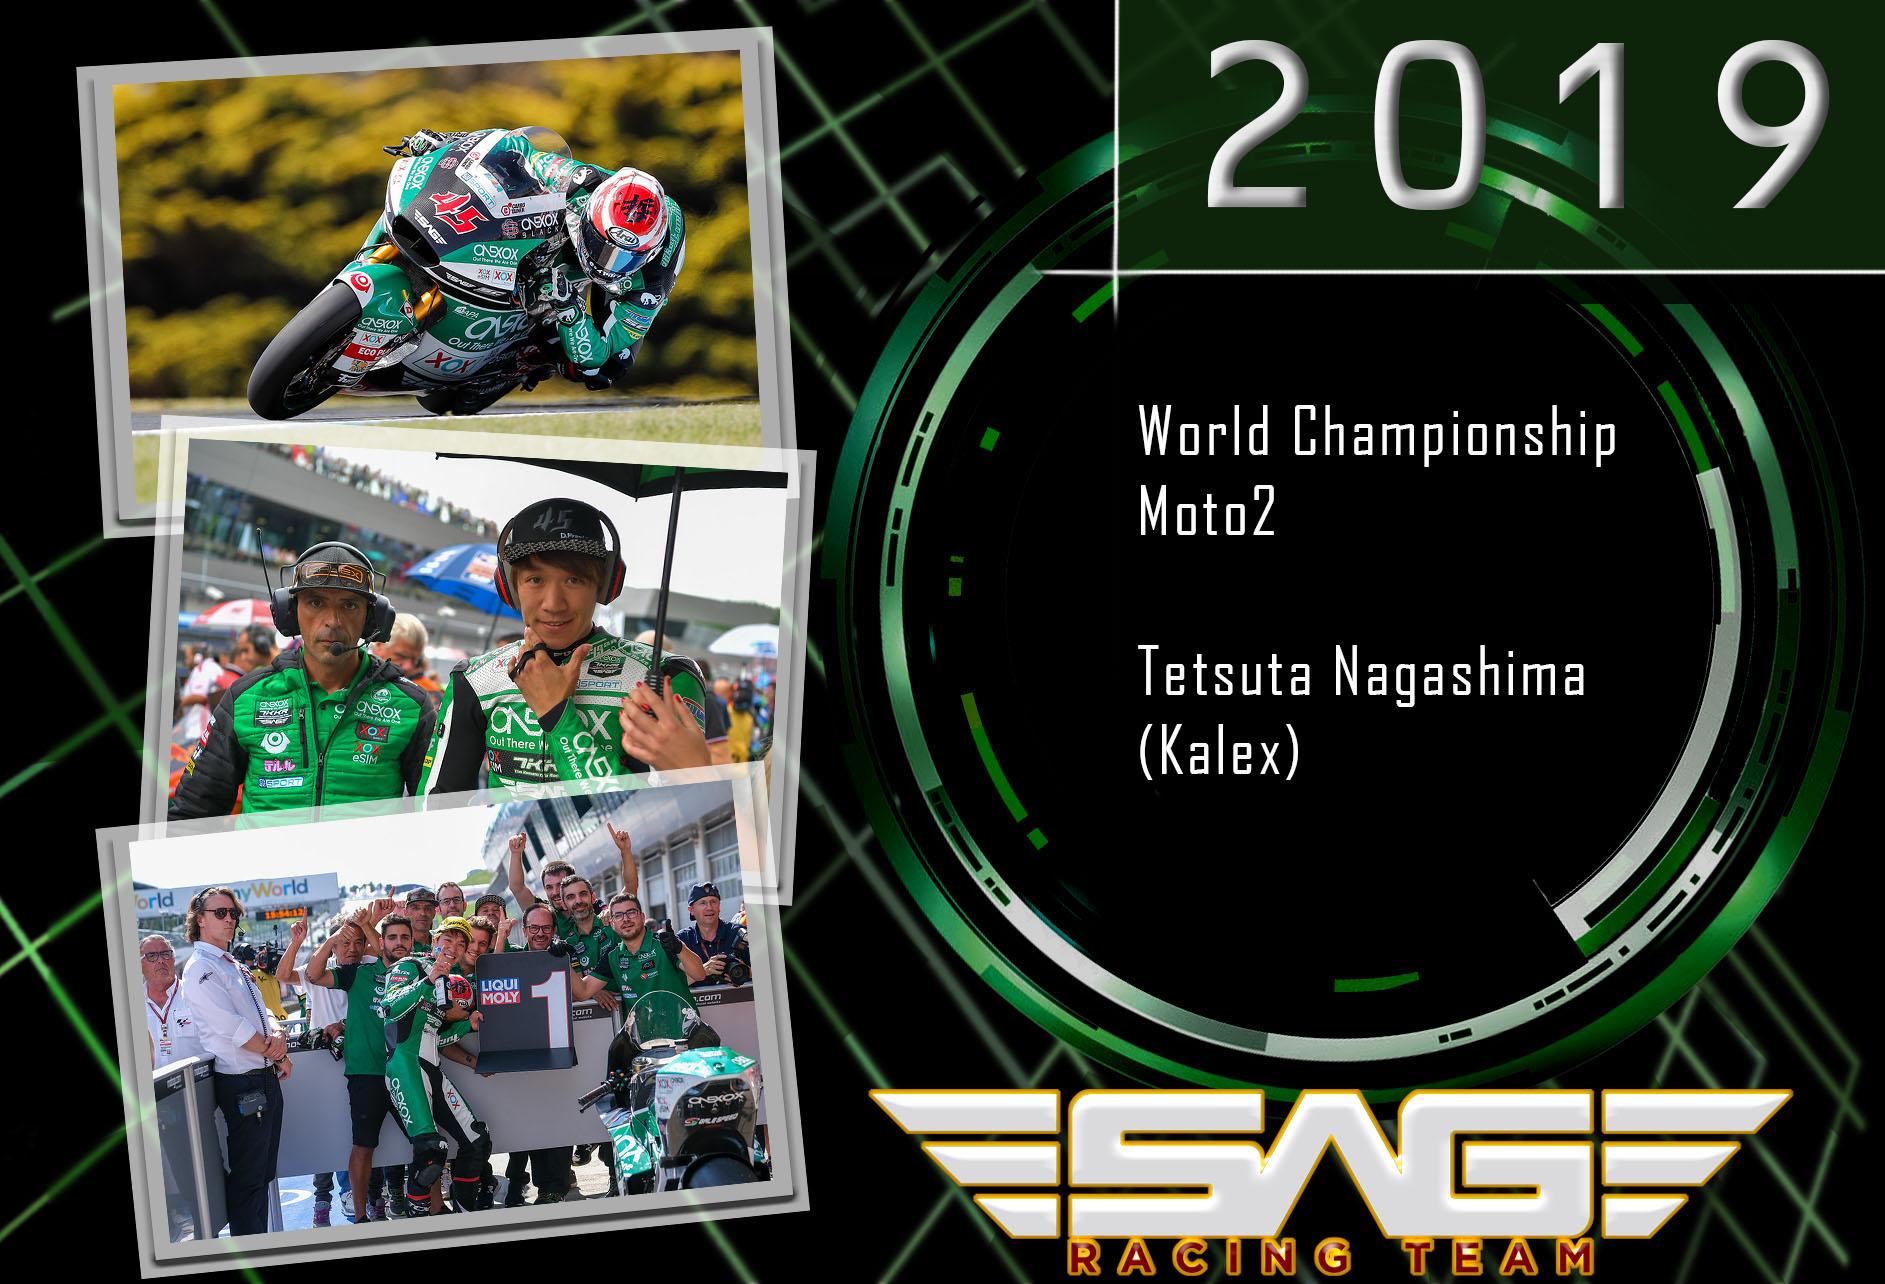 Tetsuta Nagashima (Moto2 Rider)